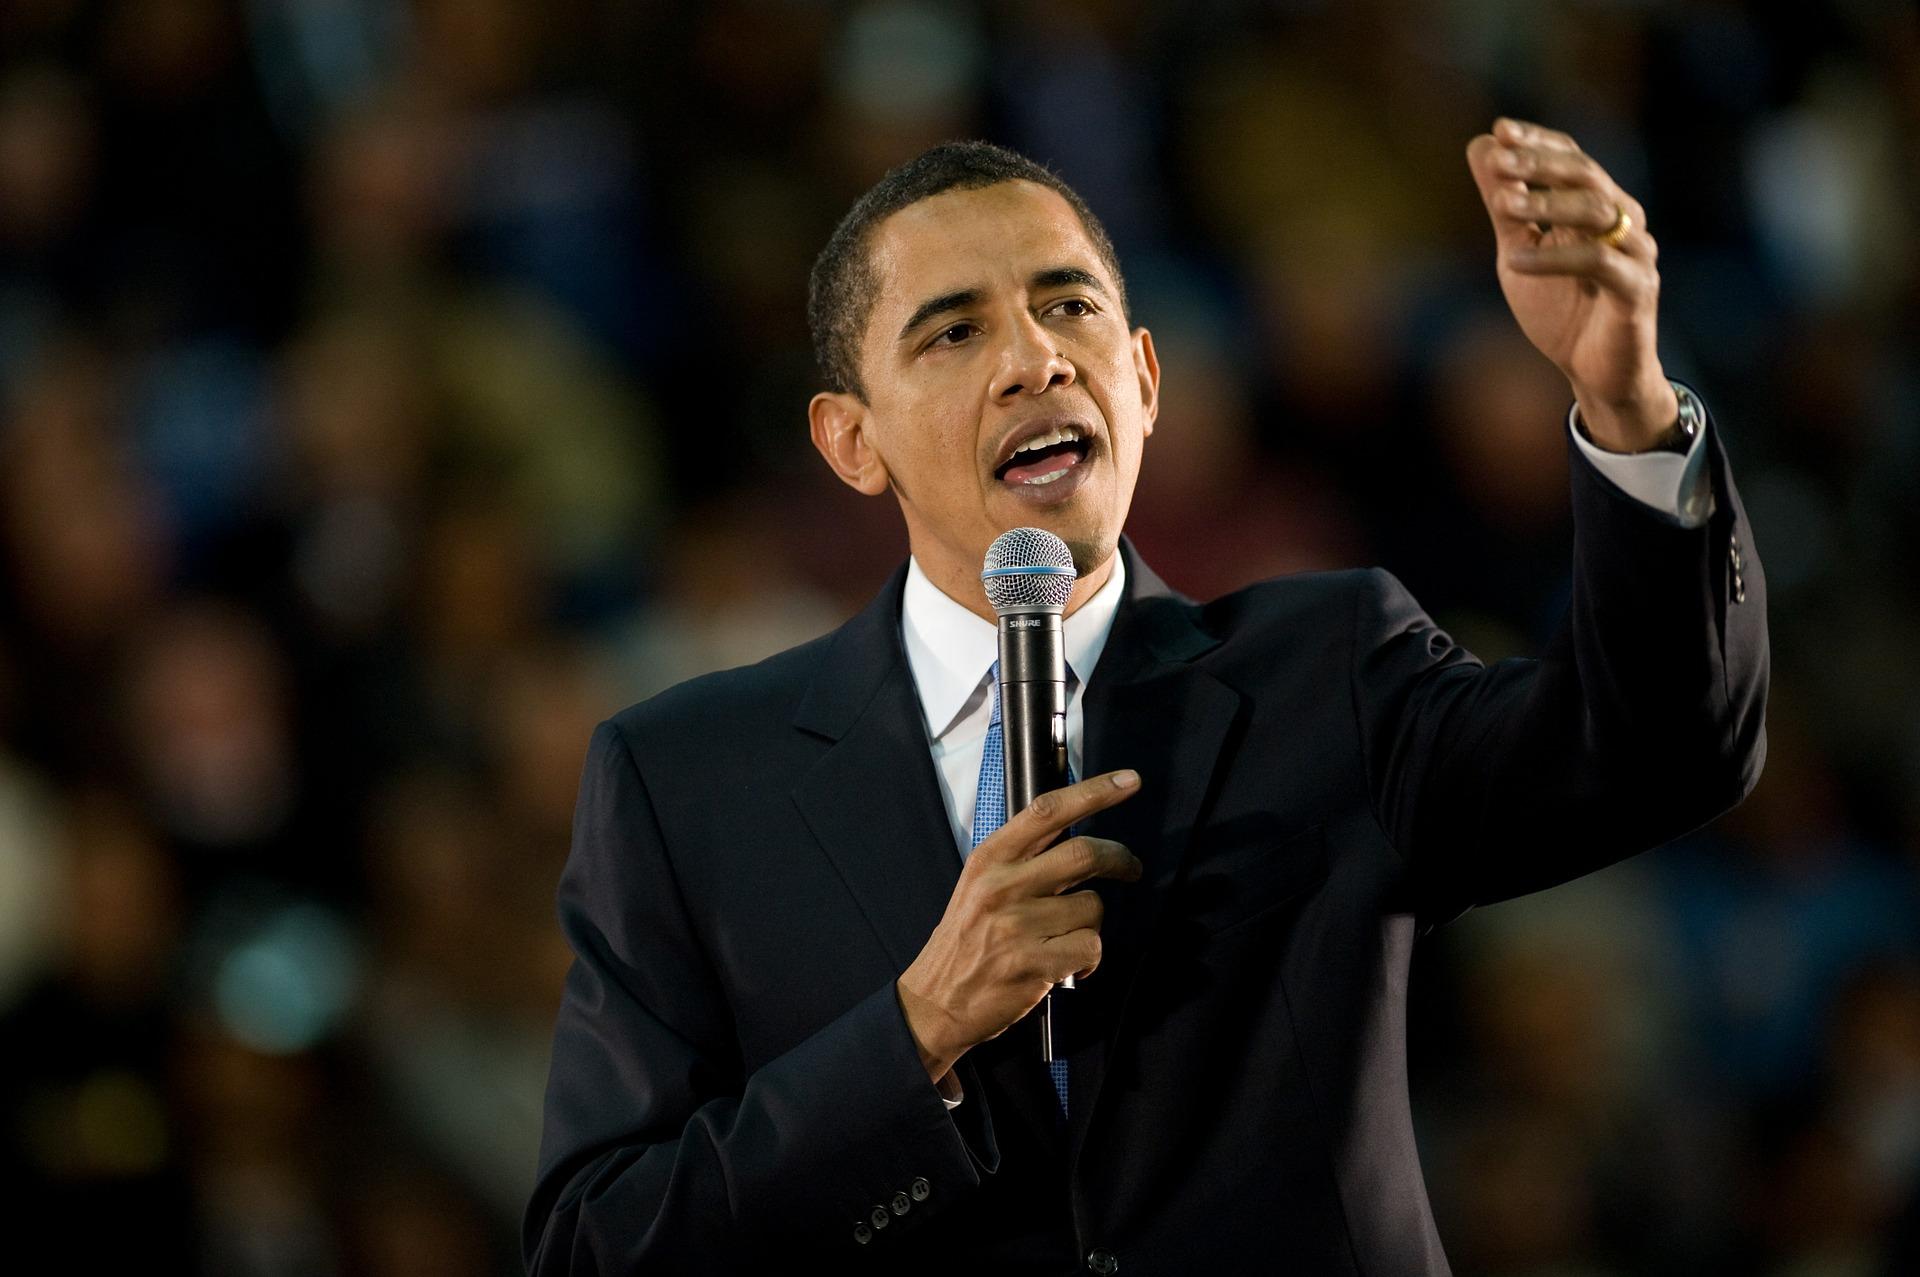 Barack Obama är USA:s 44:e president. Han var också den första svarta presidenten.